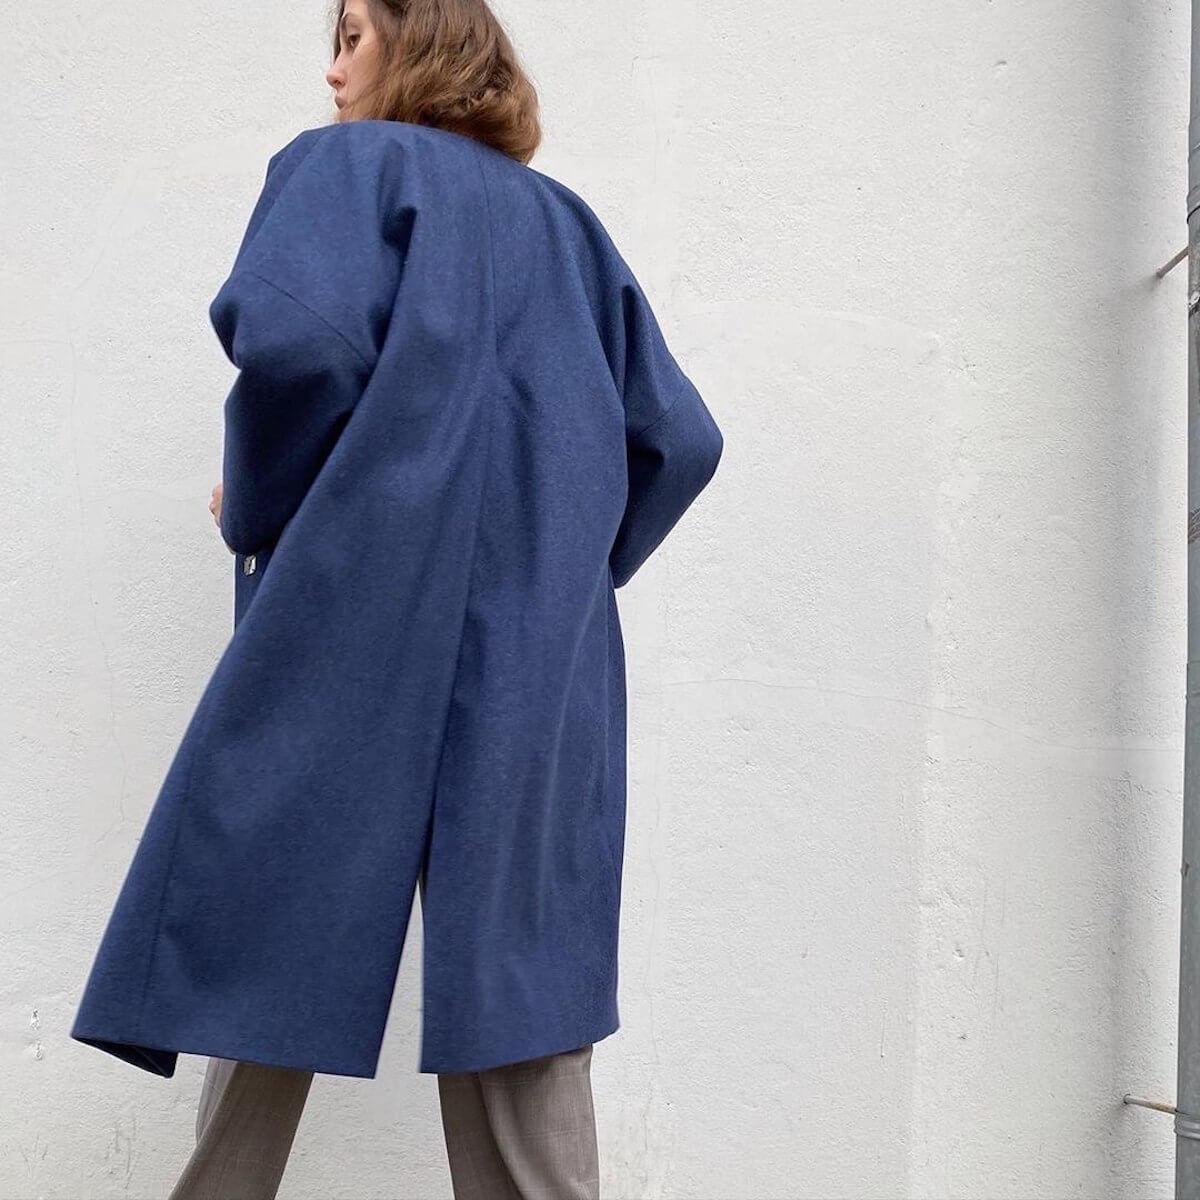 Пальто с высокой шлицей, синее